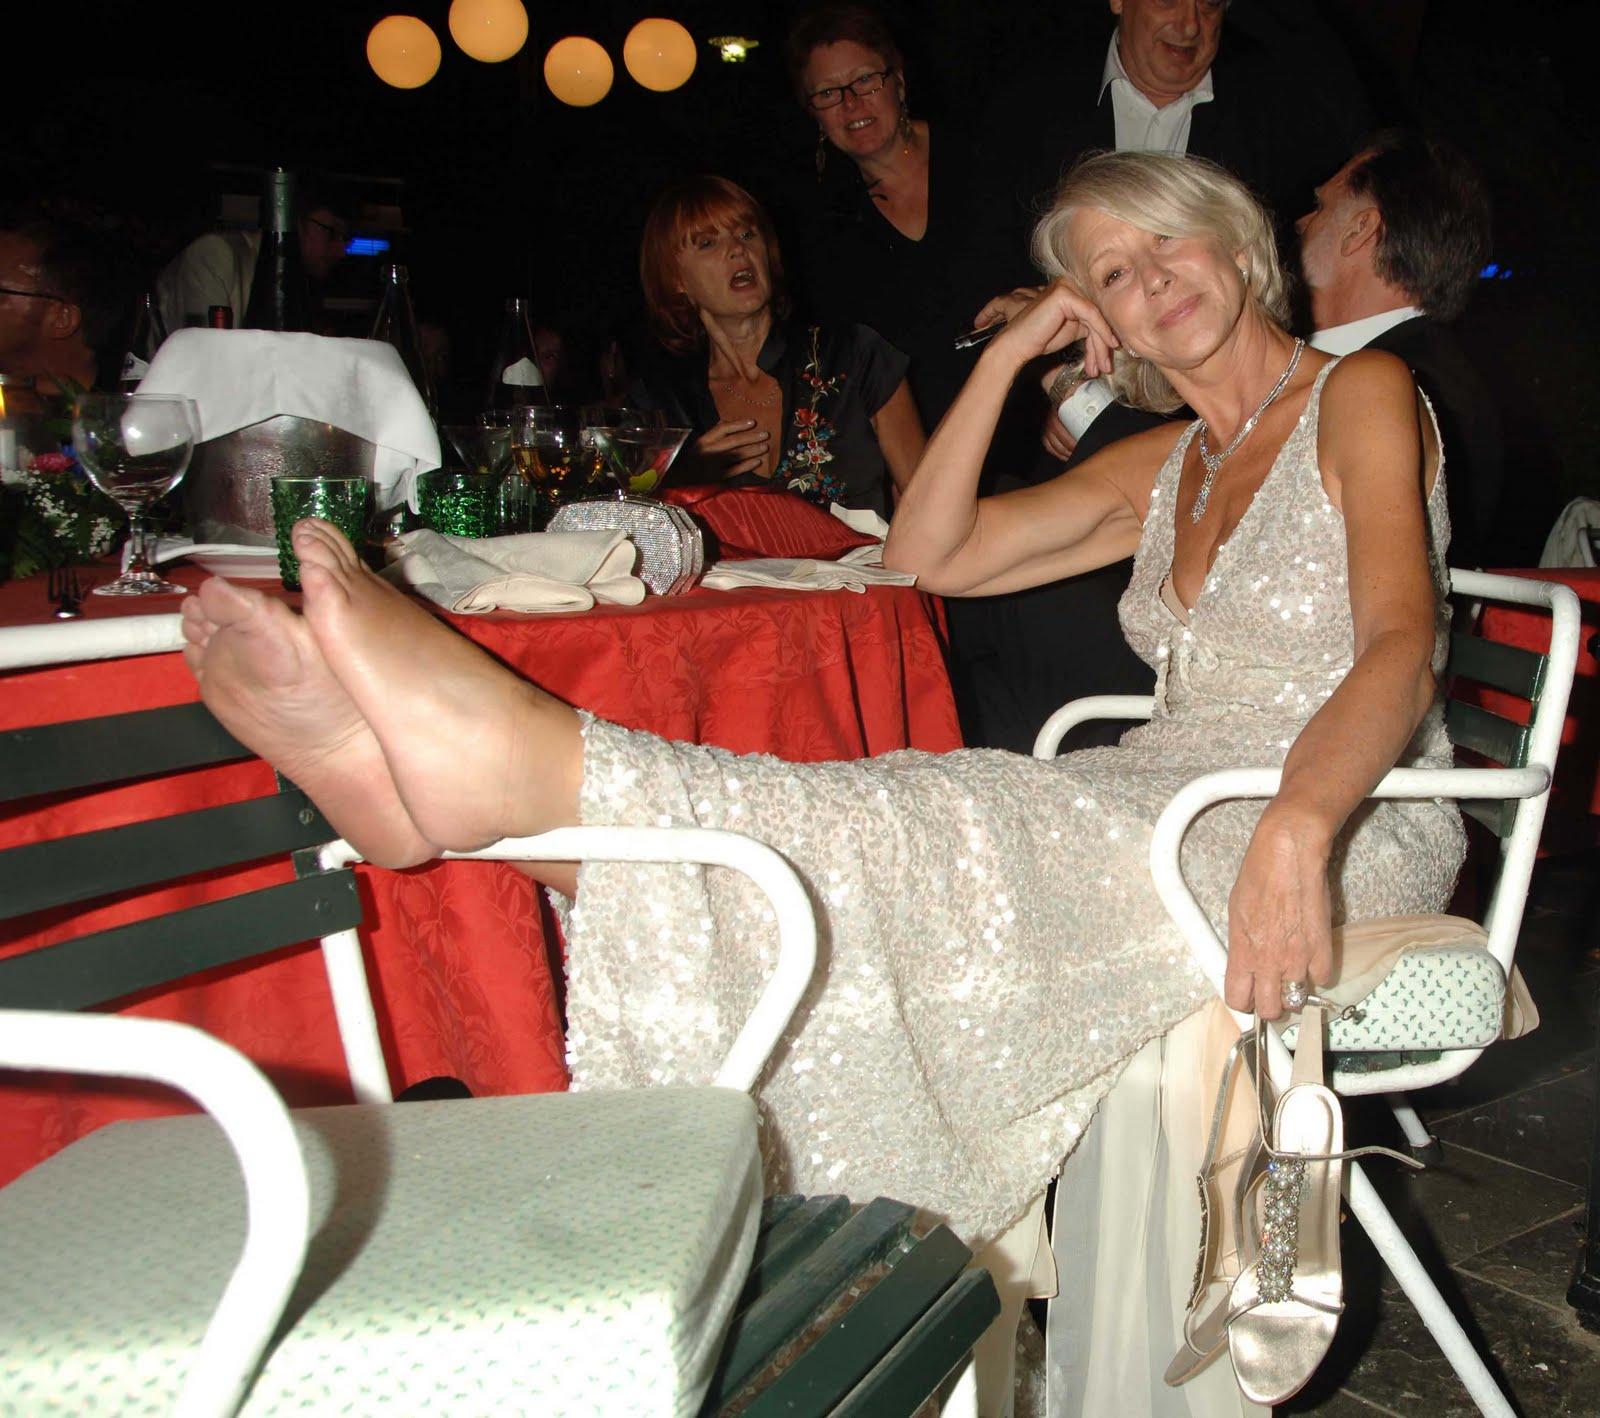 http://4.bp.blogspot.com/_UaLWp72nij4/S89V0lYQNXI/AAAAAAAAIG4/dp6EyZYFVlI/s1600/helen-mirren-feet-2.jpg